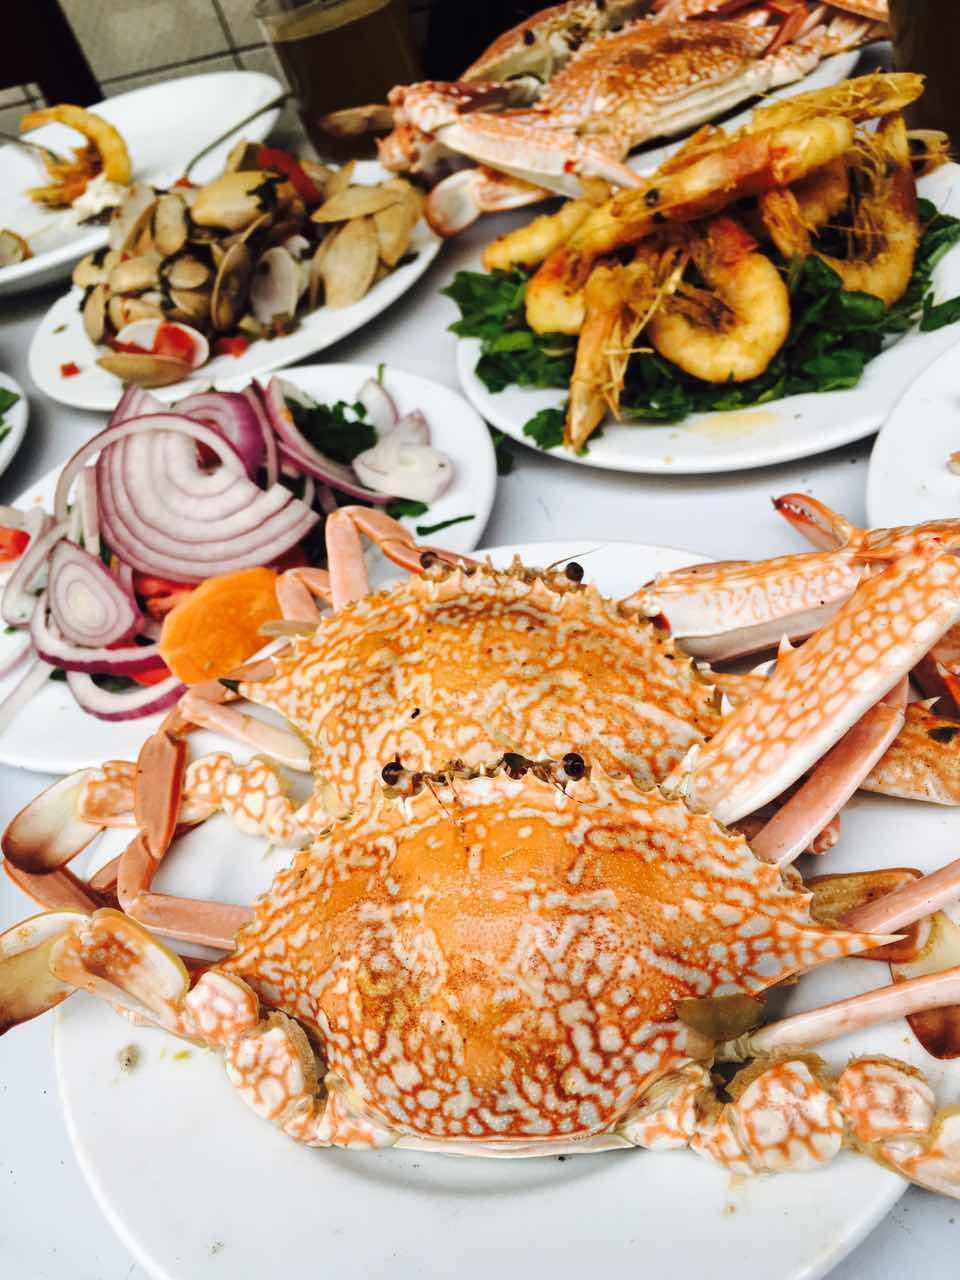 满桌的海鲜大餐